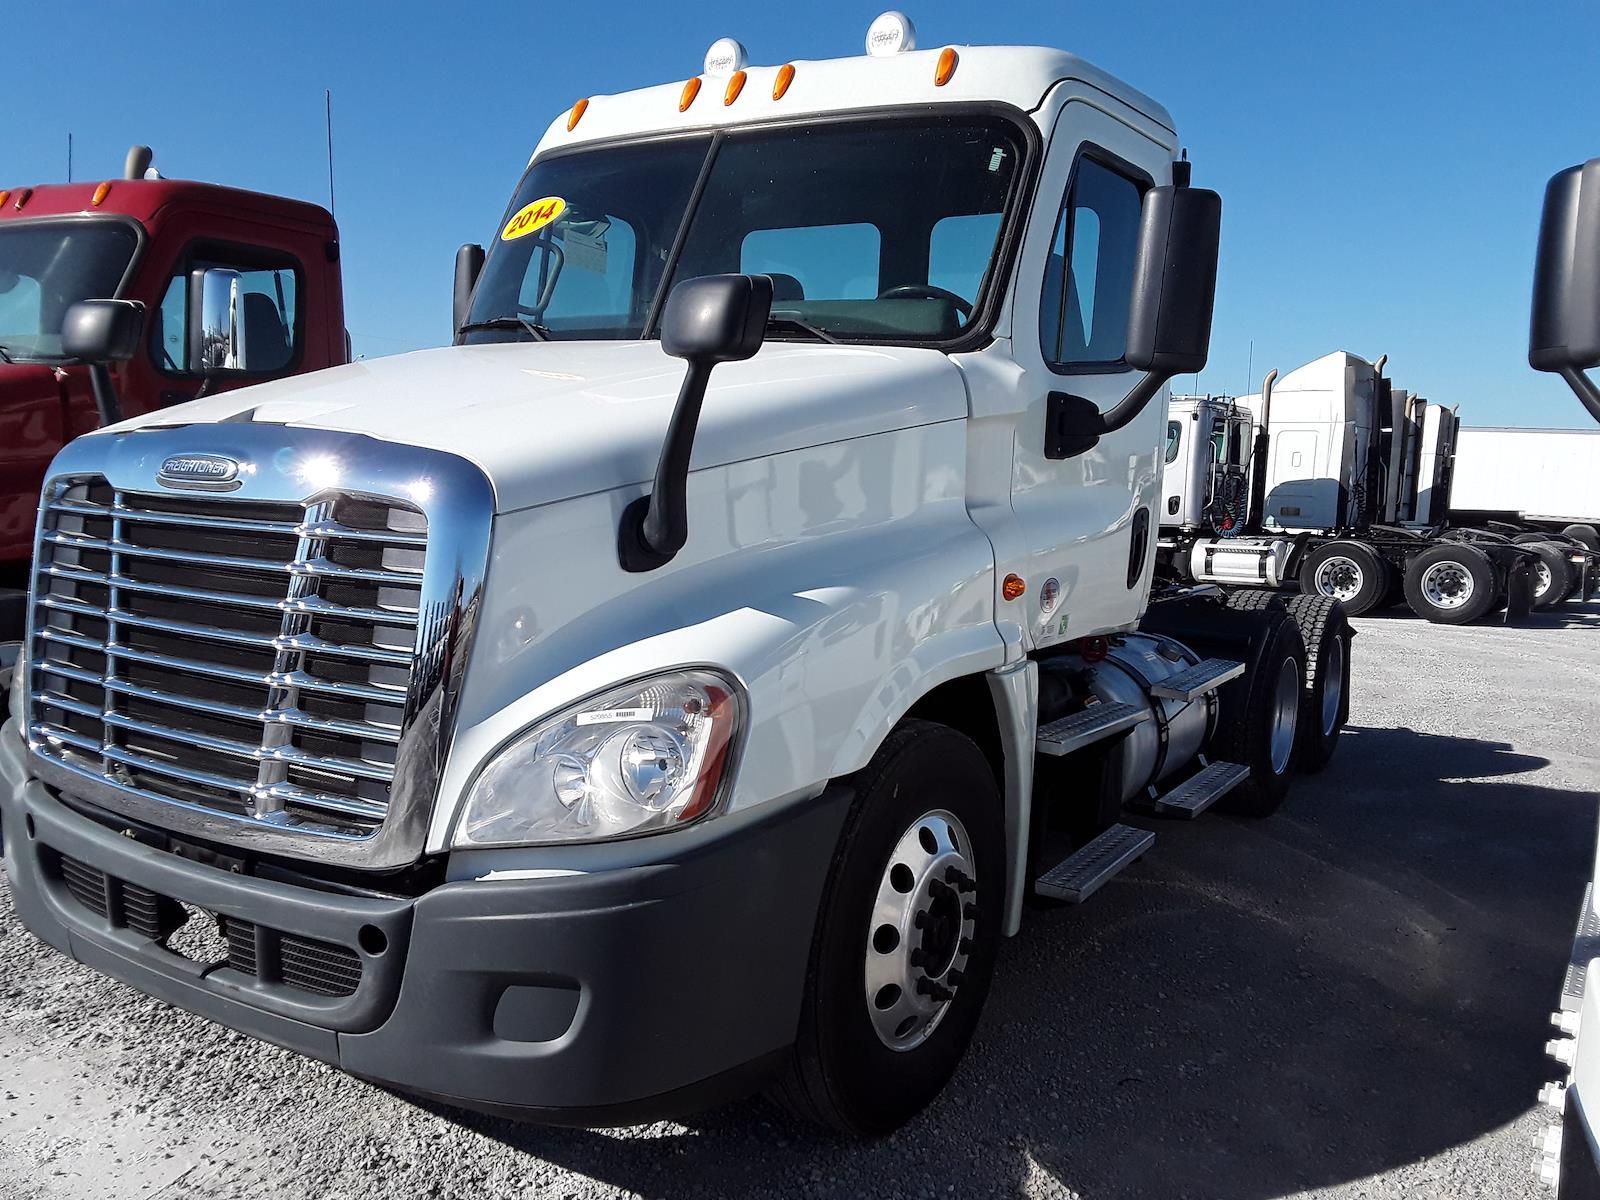 2014 Freightliner Truck 6x4, Tractor #529855 - photo 1